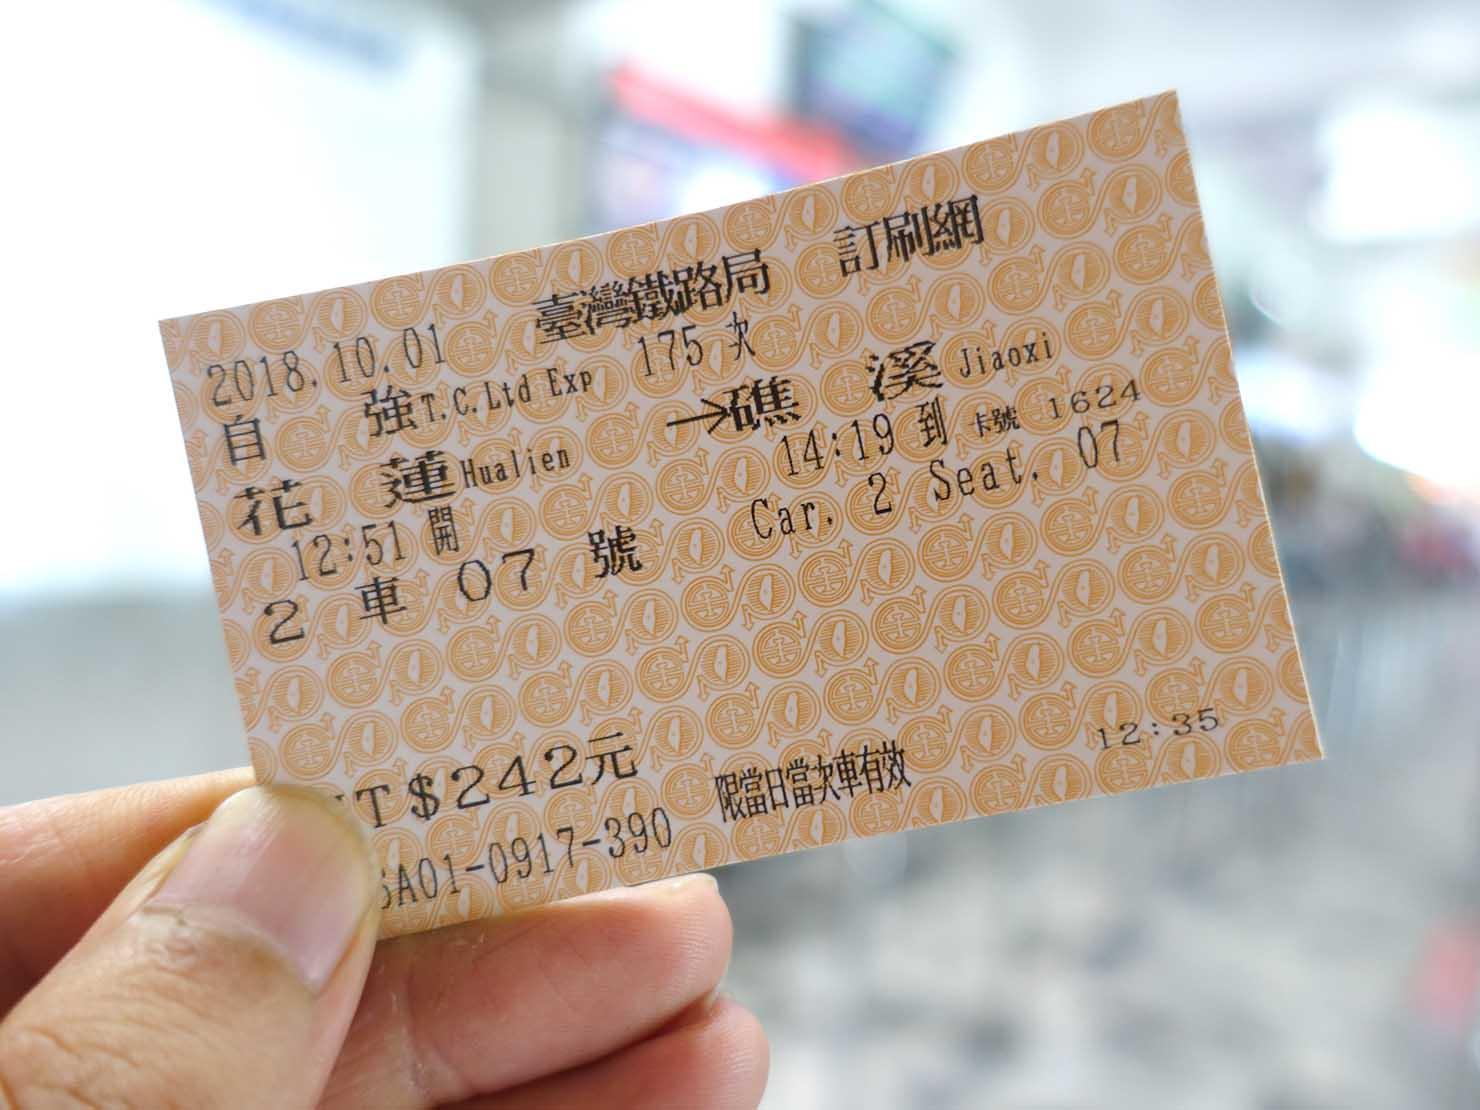 花蓮発礁溪行きの台湾鉄道チケット